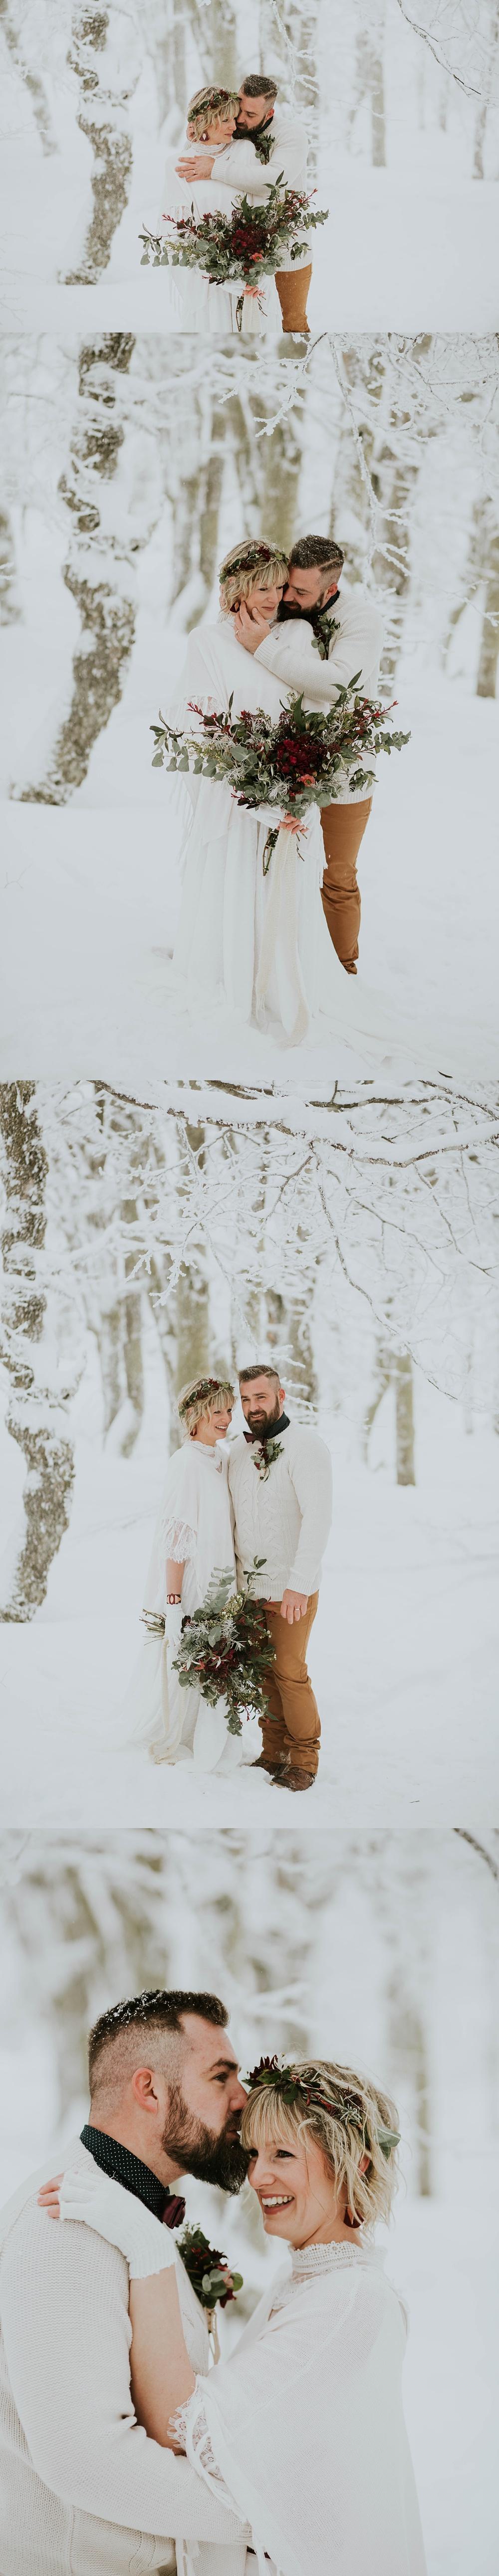 Mariage dans la neige Vosges